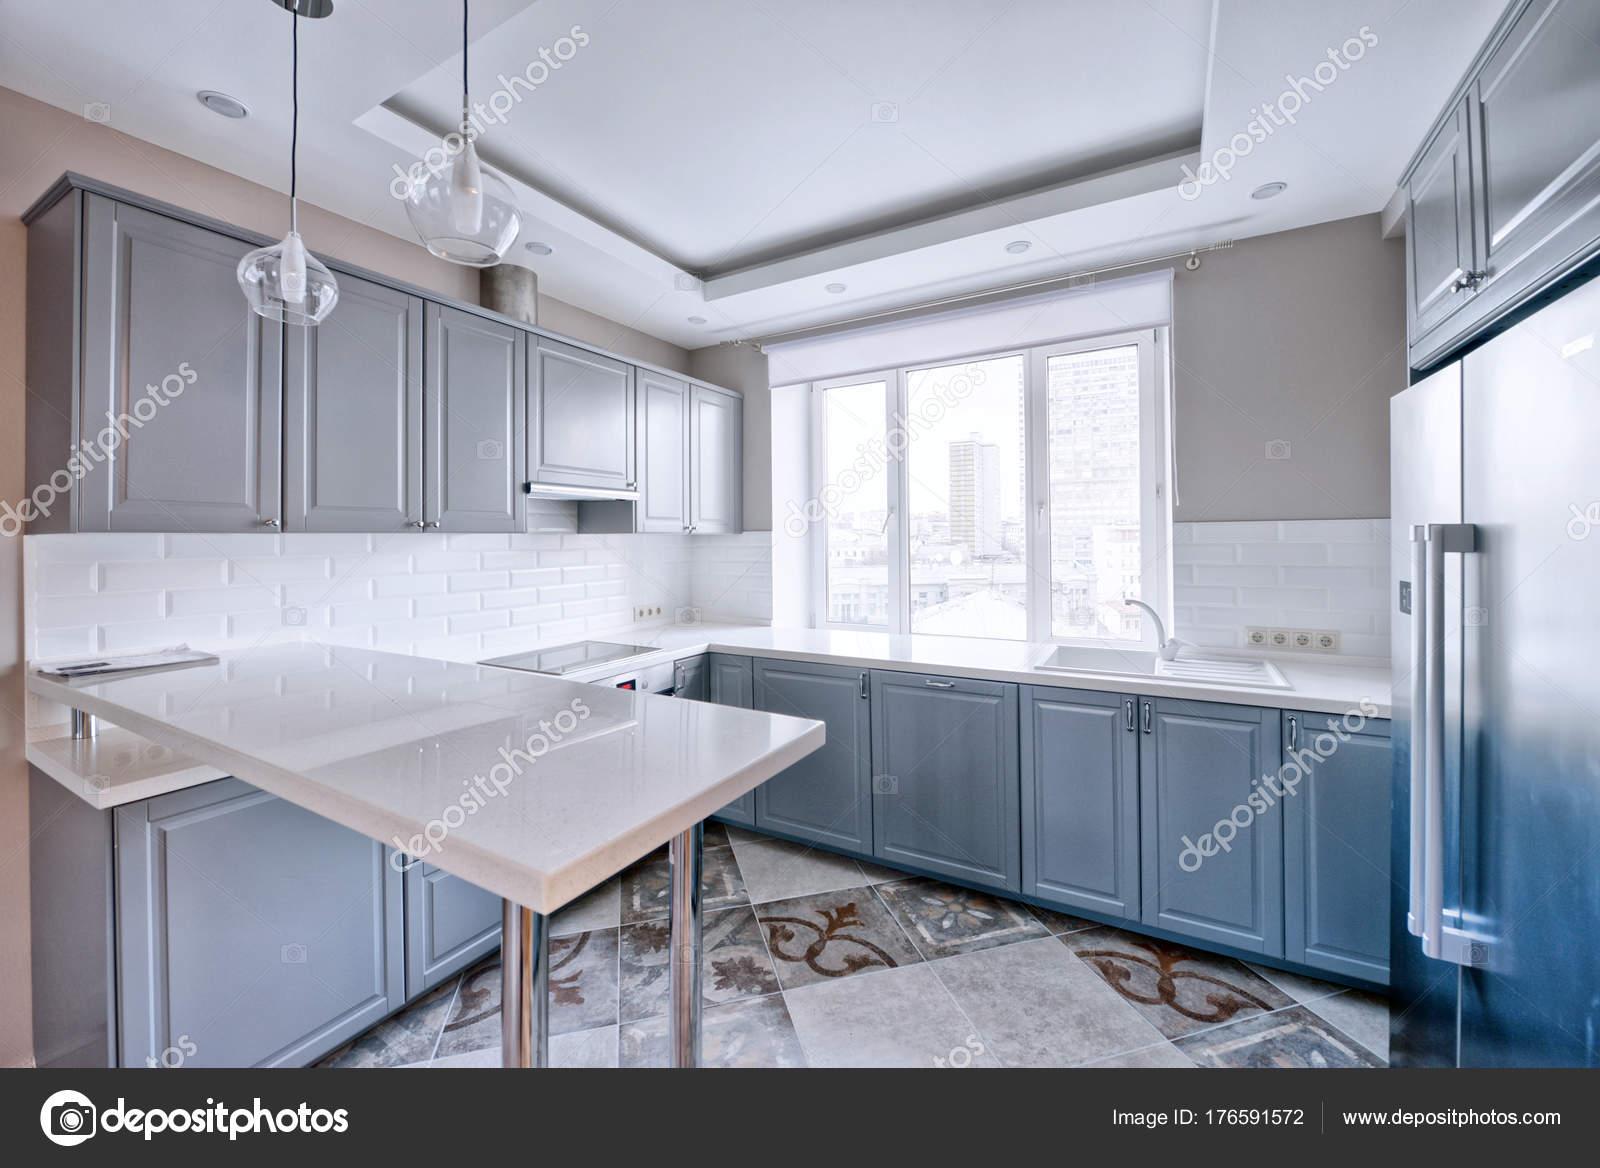 Cocina moderna dise o interiores casa nueva fotos de for Diseno de interiores fotos